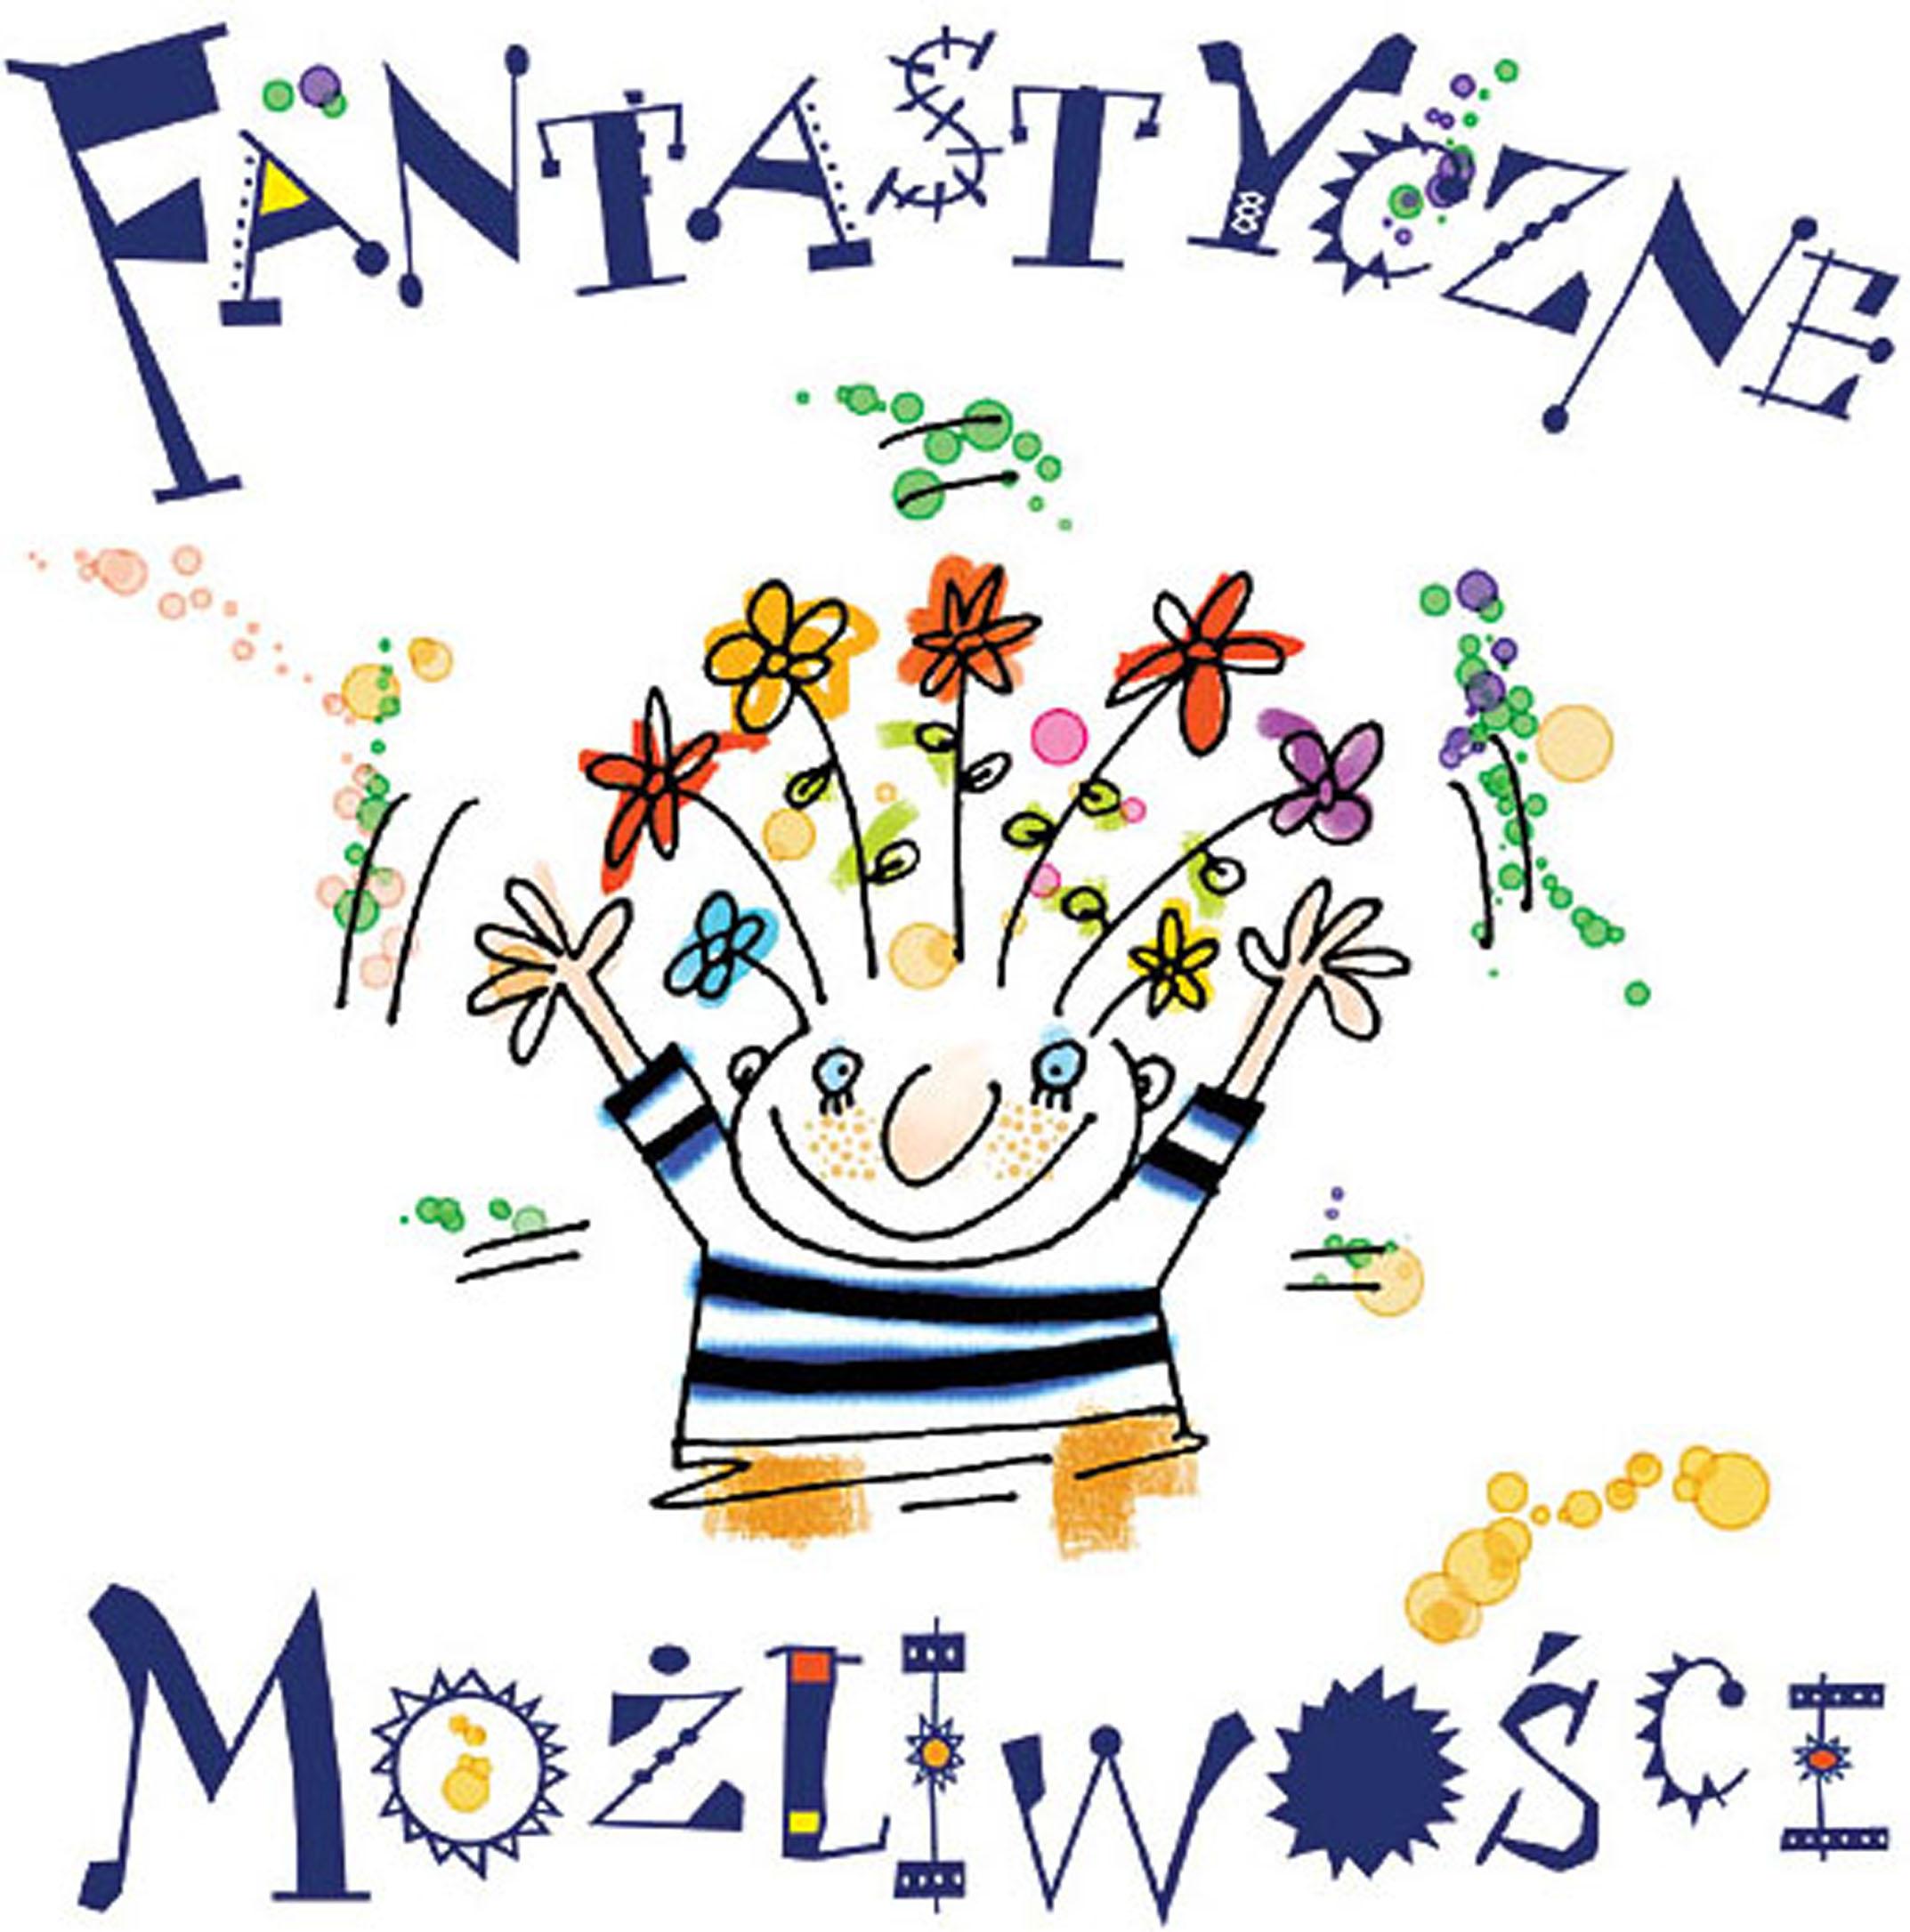 http://www.sp9bielsko.szkolnastrona.pl/container/fantastyczne_mozliwosci.jpg